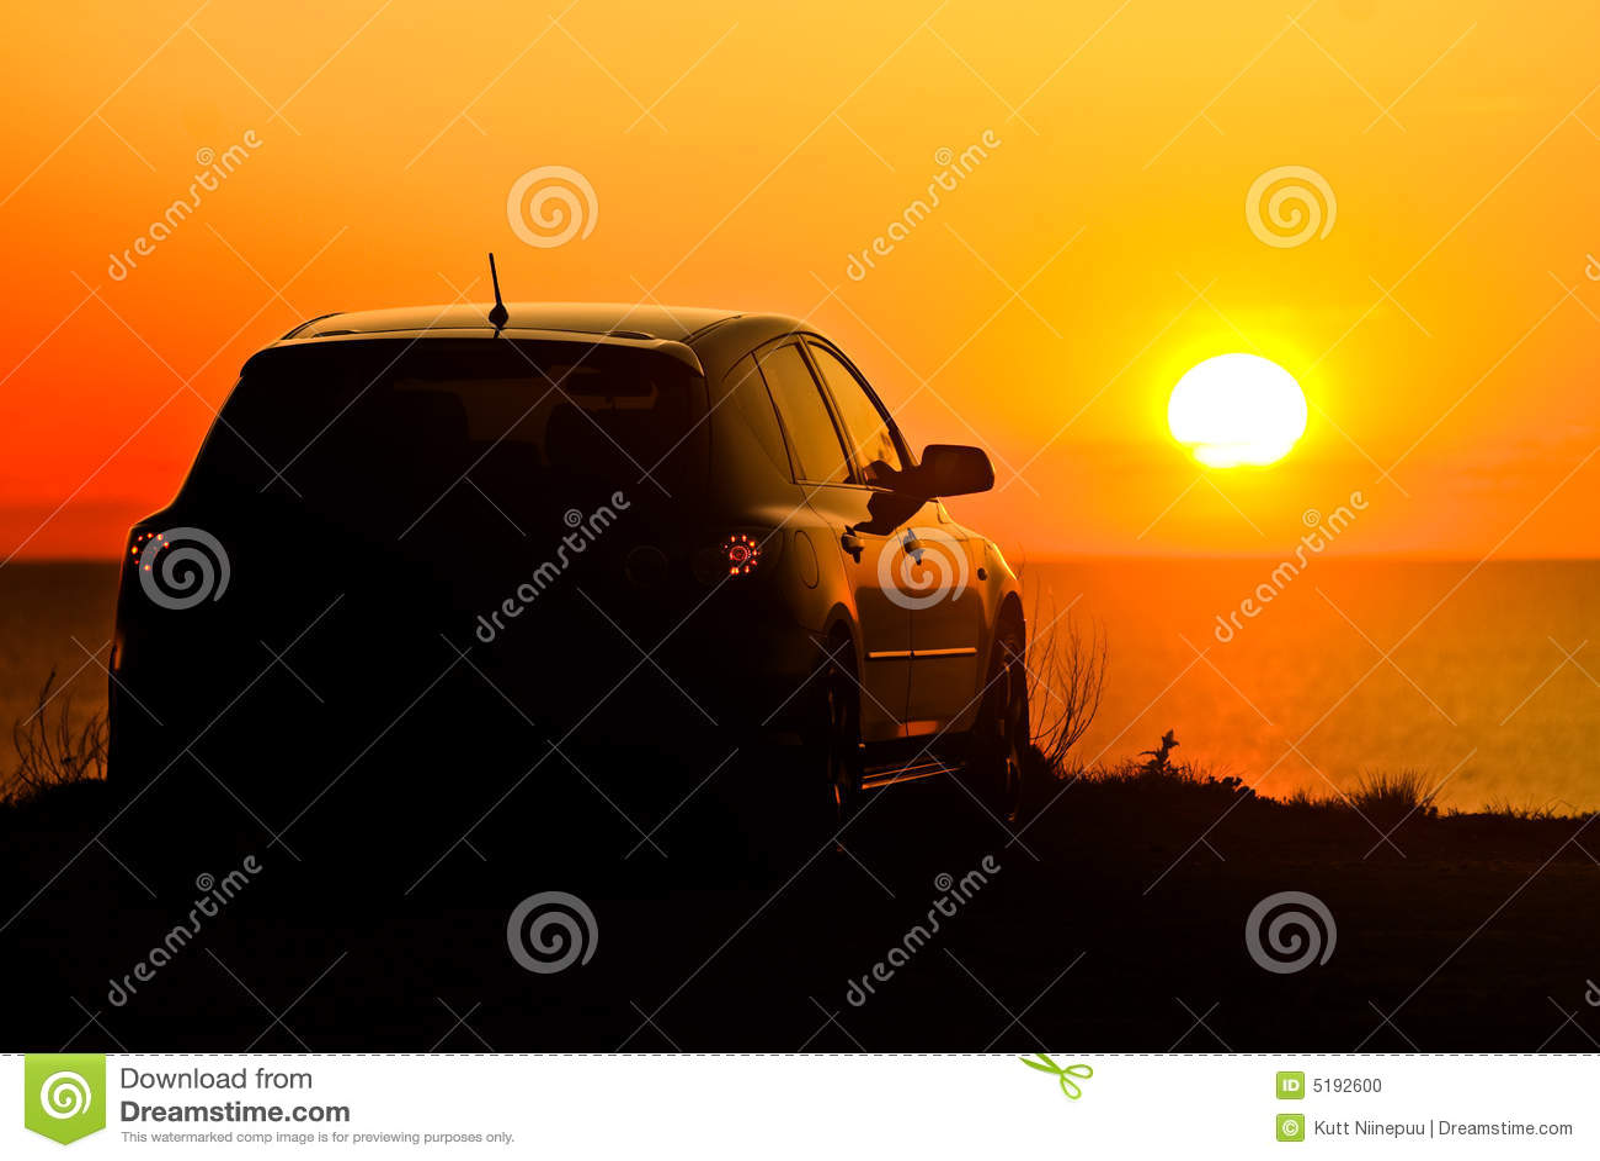 Samochód zachodzącego słońca